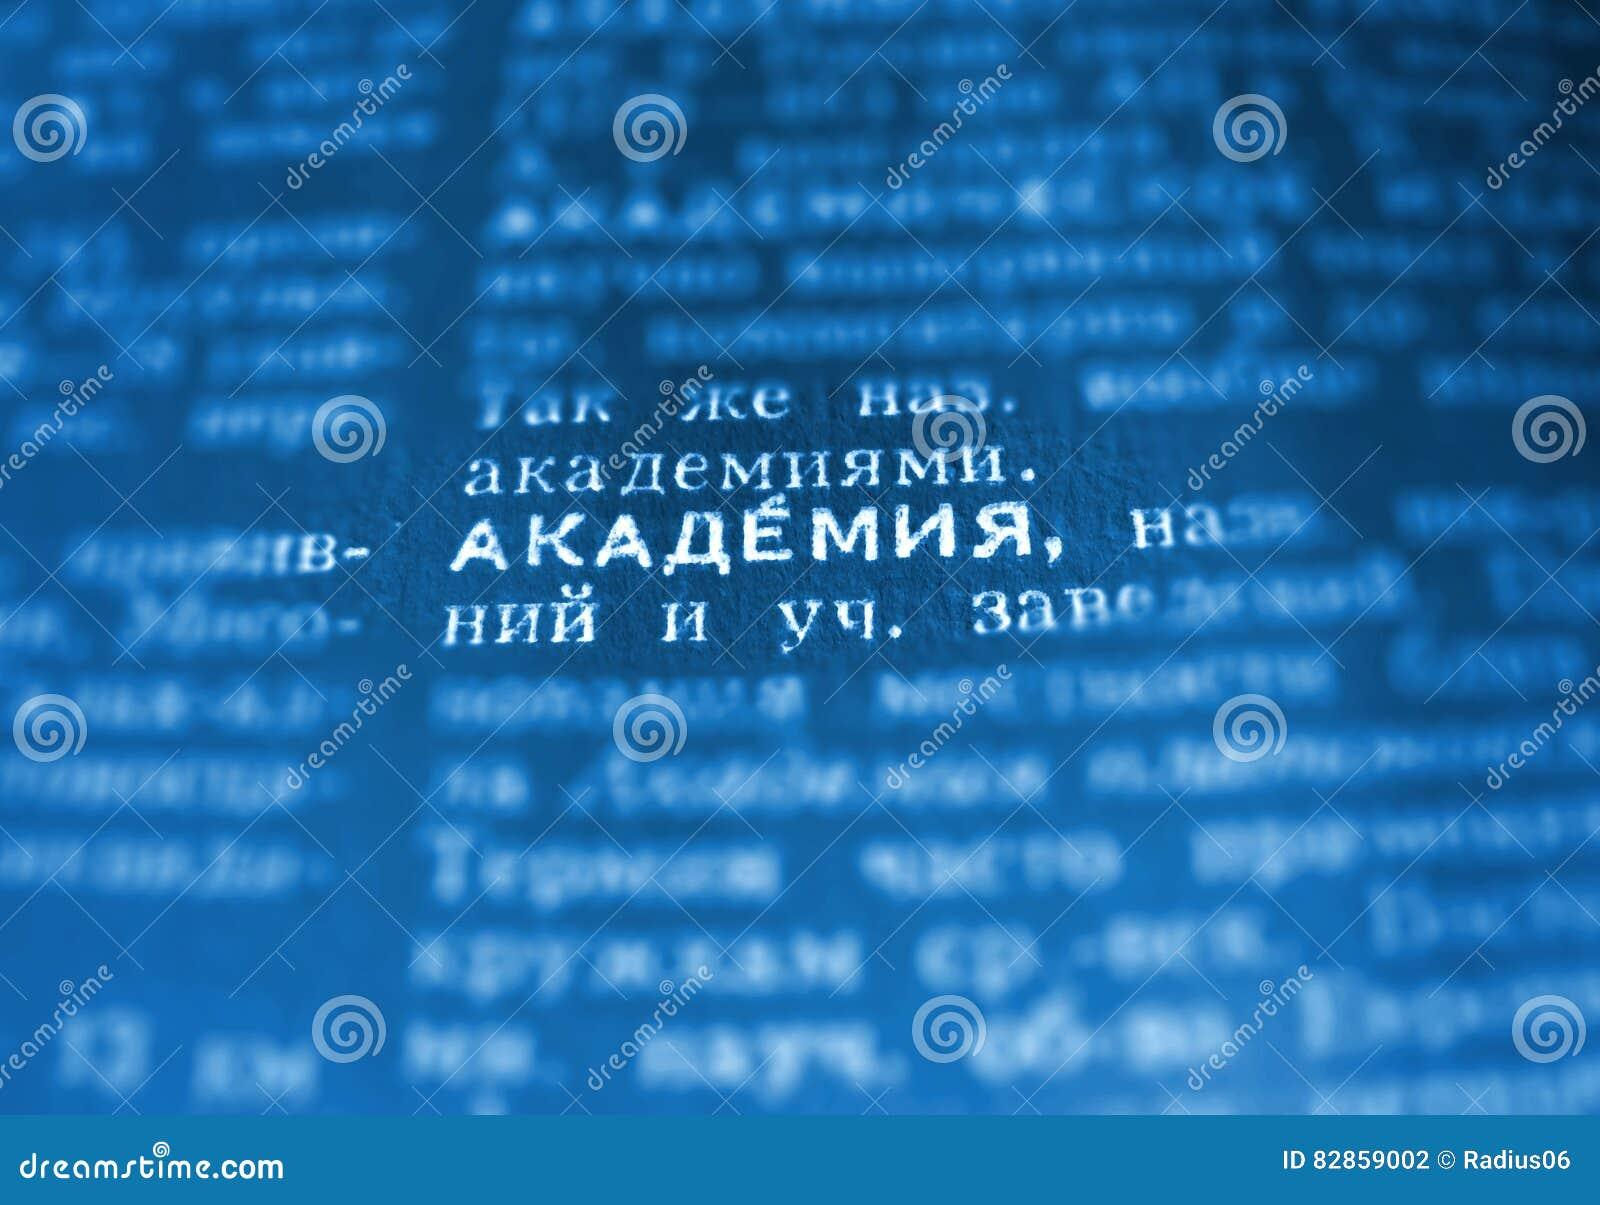 Akademii definici słowa tekst w słownik stronie Rosyjski język